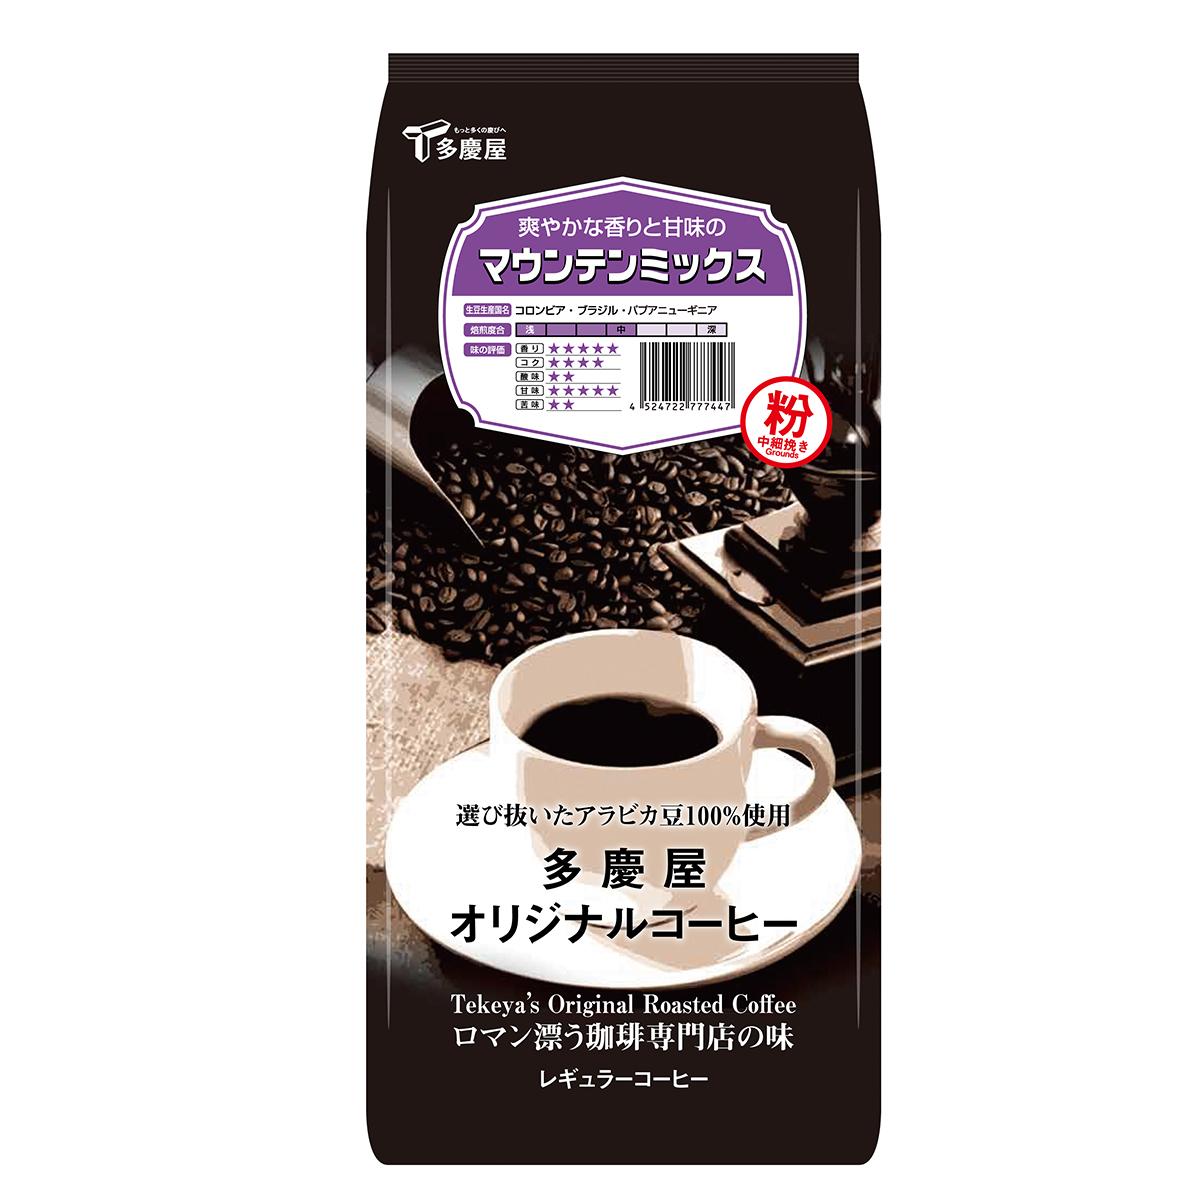 【TAKEYAスマイル便 対象品】マウンテンミックス粉400g多慶屋オリジナルコーヒーコーヒー粉レギュラーコーヒー